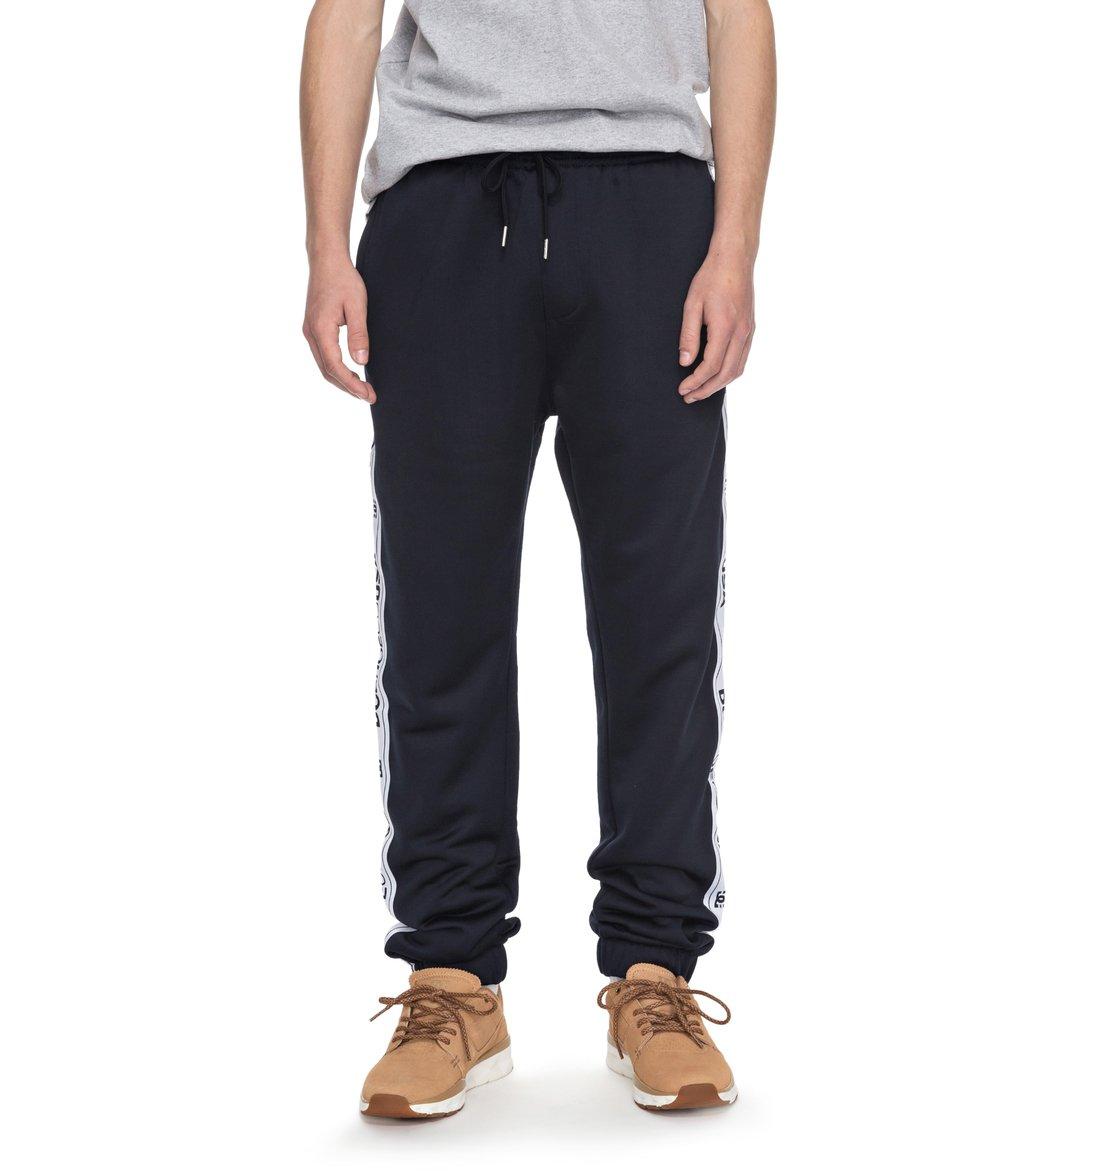 Pantalon Homme 0 pour rayures EDYFB03042 Burdons latérales de à jogging O5rPx5q1